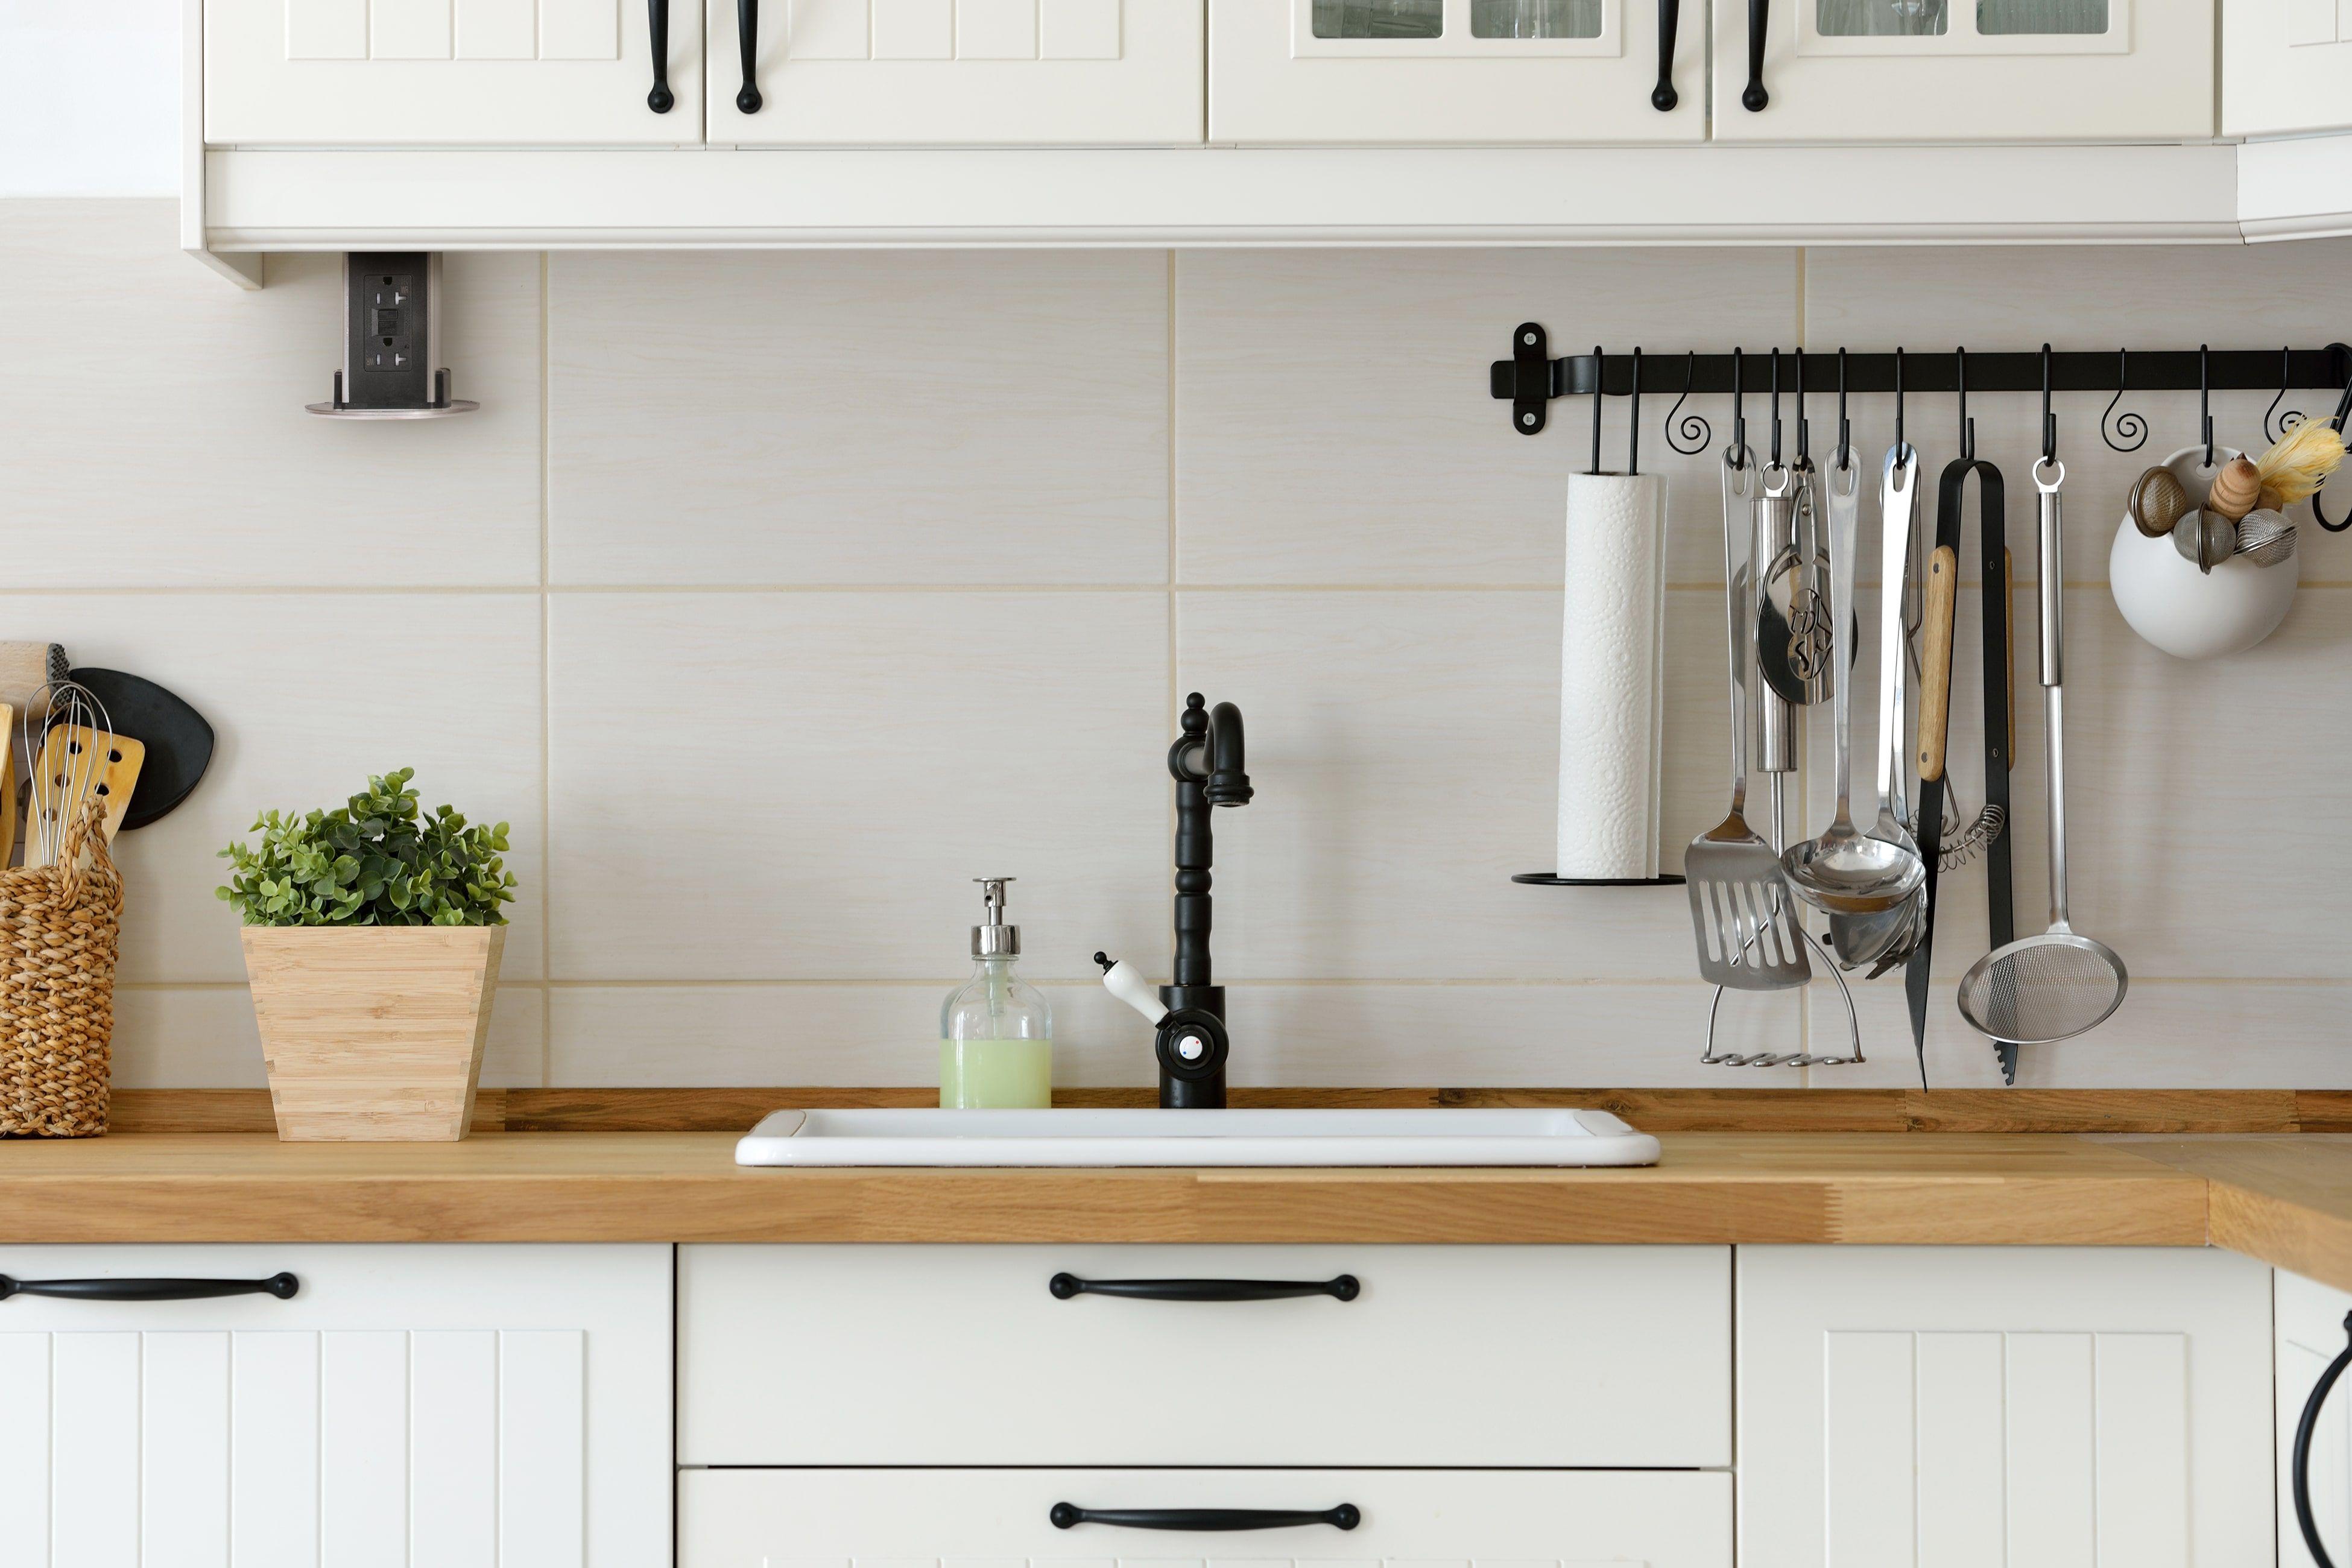 Kitchen Power Pop Ups 45 Day Return Policy Kitchen Stocked Kitchen Kitchen Counter